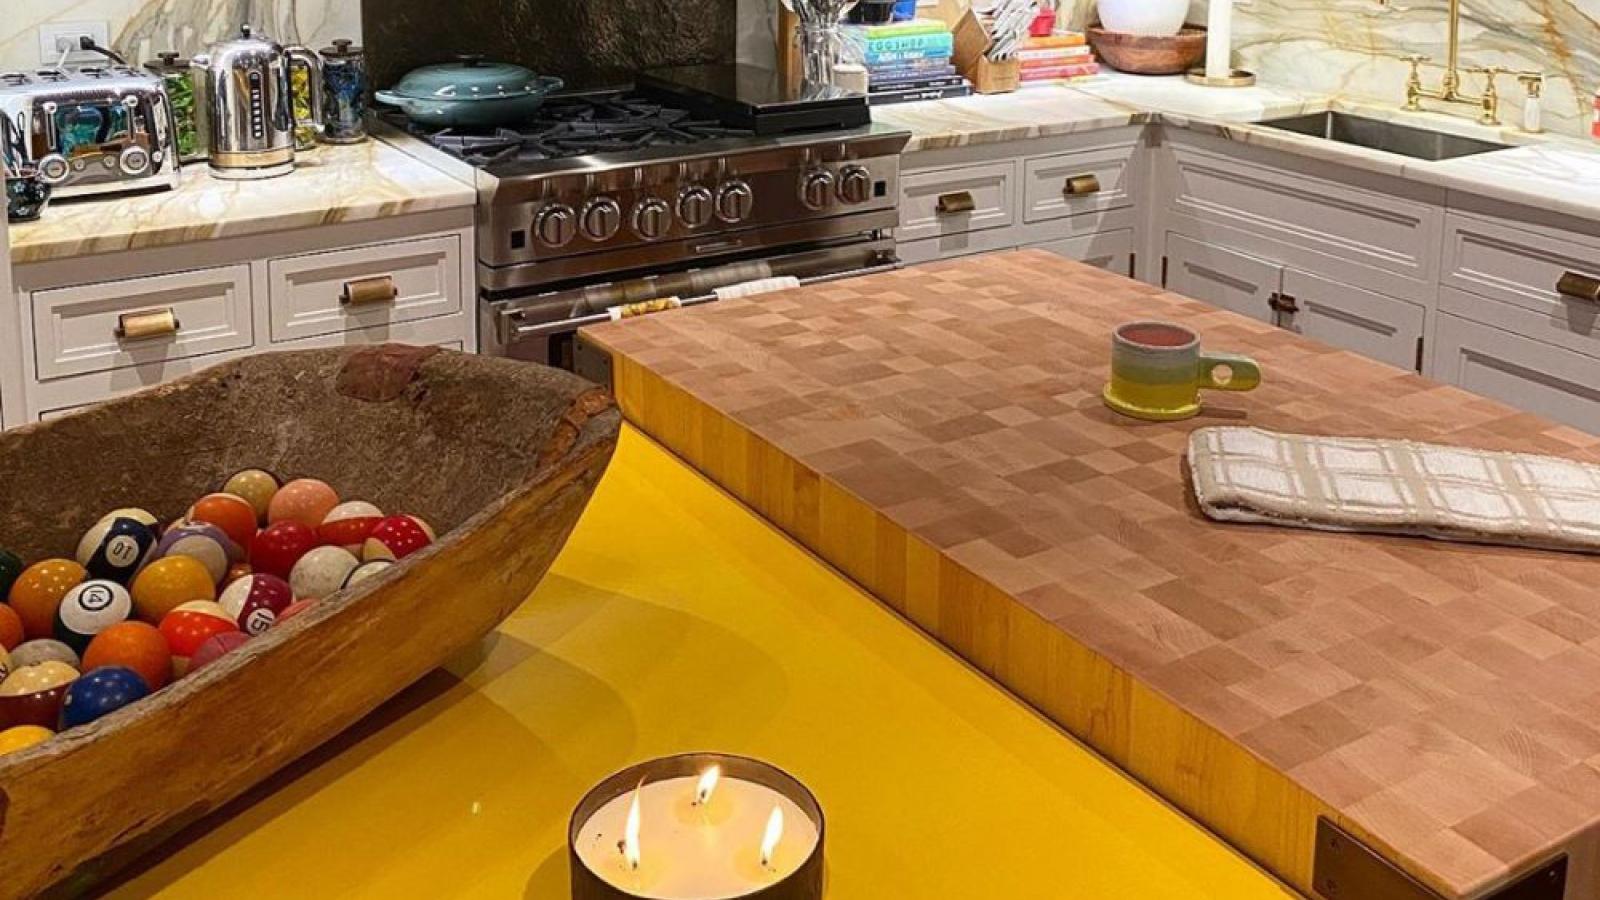 Gigi Hadid cải tạo căn biệt thự ở New York theo phong cách boho-chic